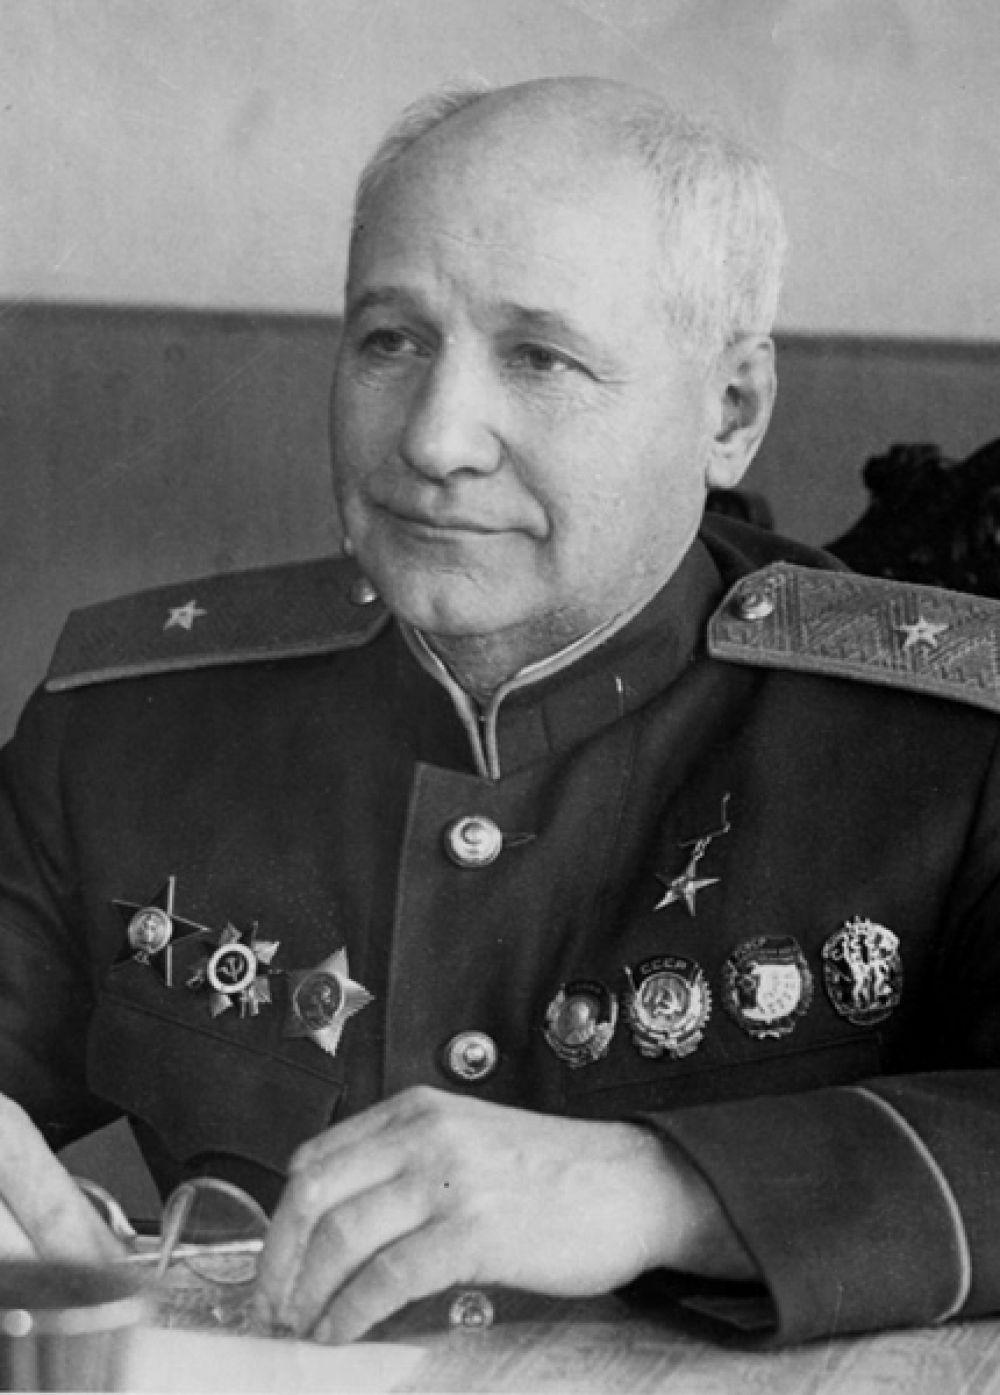 Именем авиаконструктора Андрея Николаевича Туполева могут быть названы два столичных аэропорта, «Внуково» и «Шереметьево», а также аэропорты Казани и Омска.